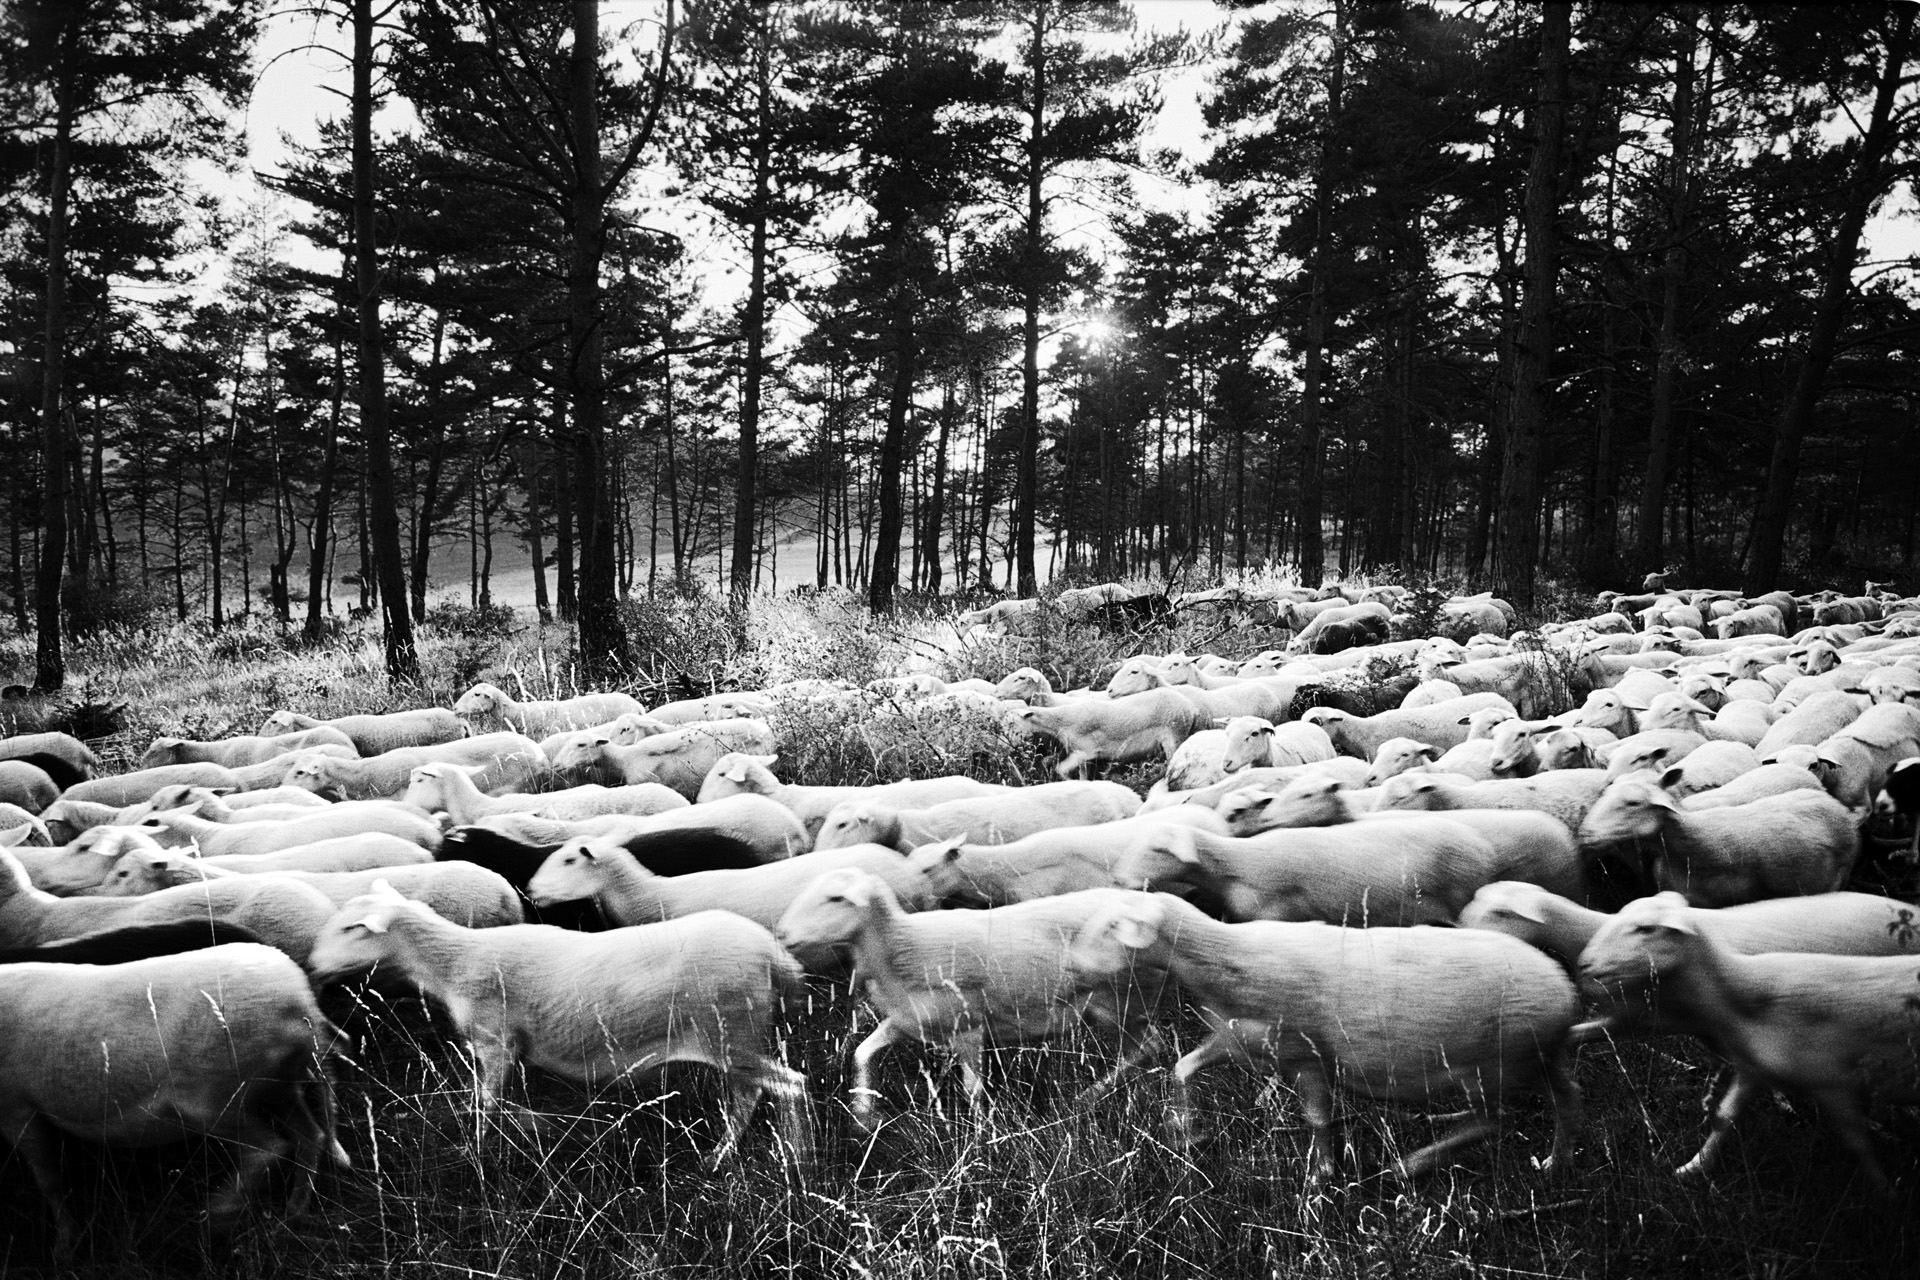 Troupeau d'Aurélien Gondouin, fils de Jean Louis et Christine Gondoin et petit fils de Marcel Gondouin, dit Tilou. Son exploitation composée principalement d'ovins, est la plus importante du village. Il a repris l'exploitation par choix, après un BTS « Production animale ».